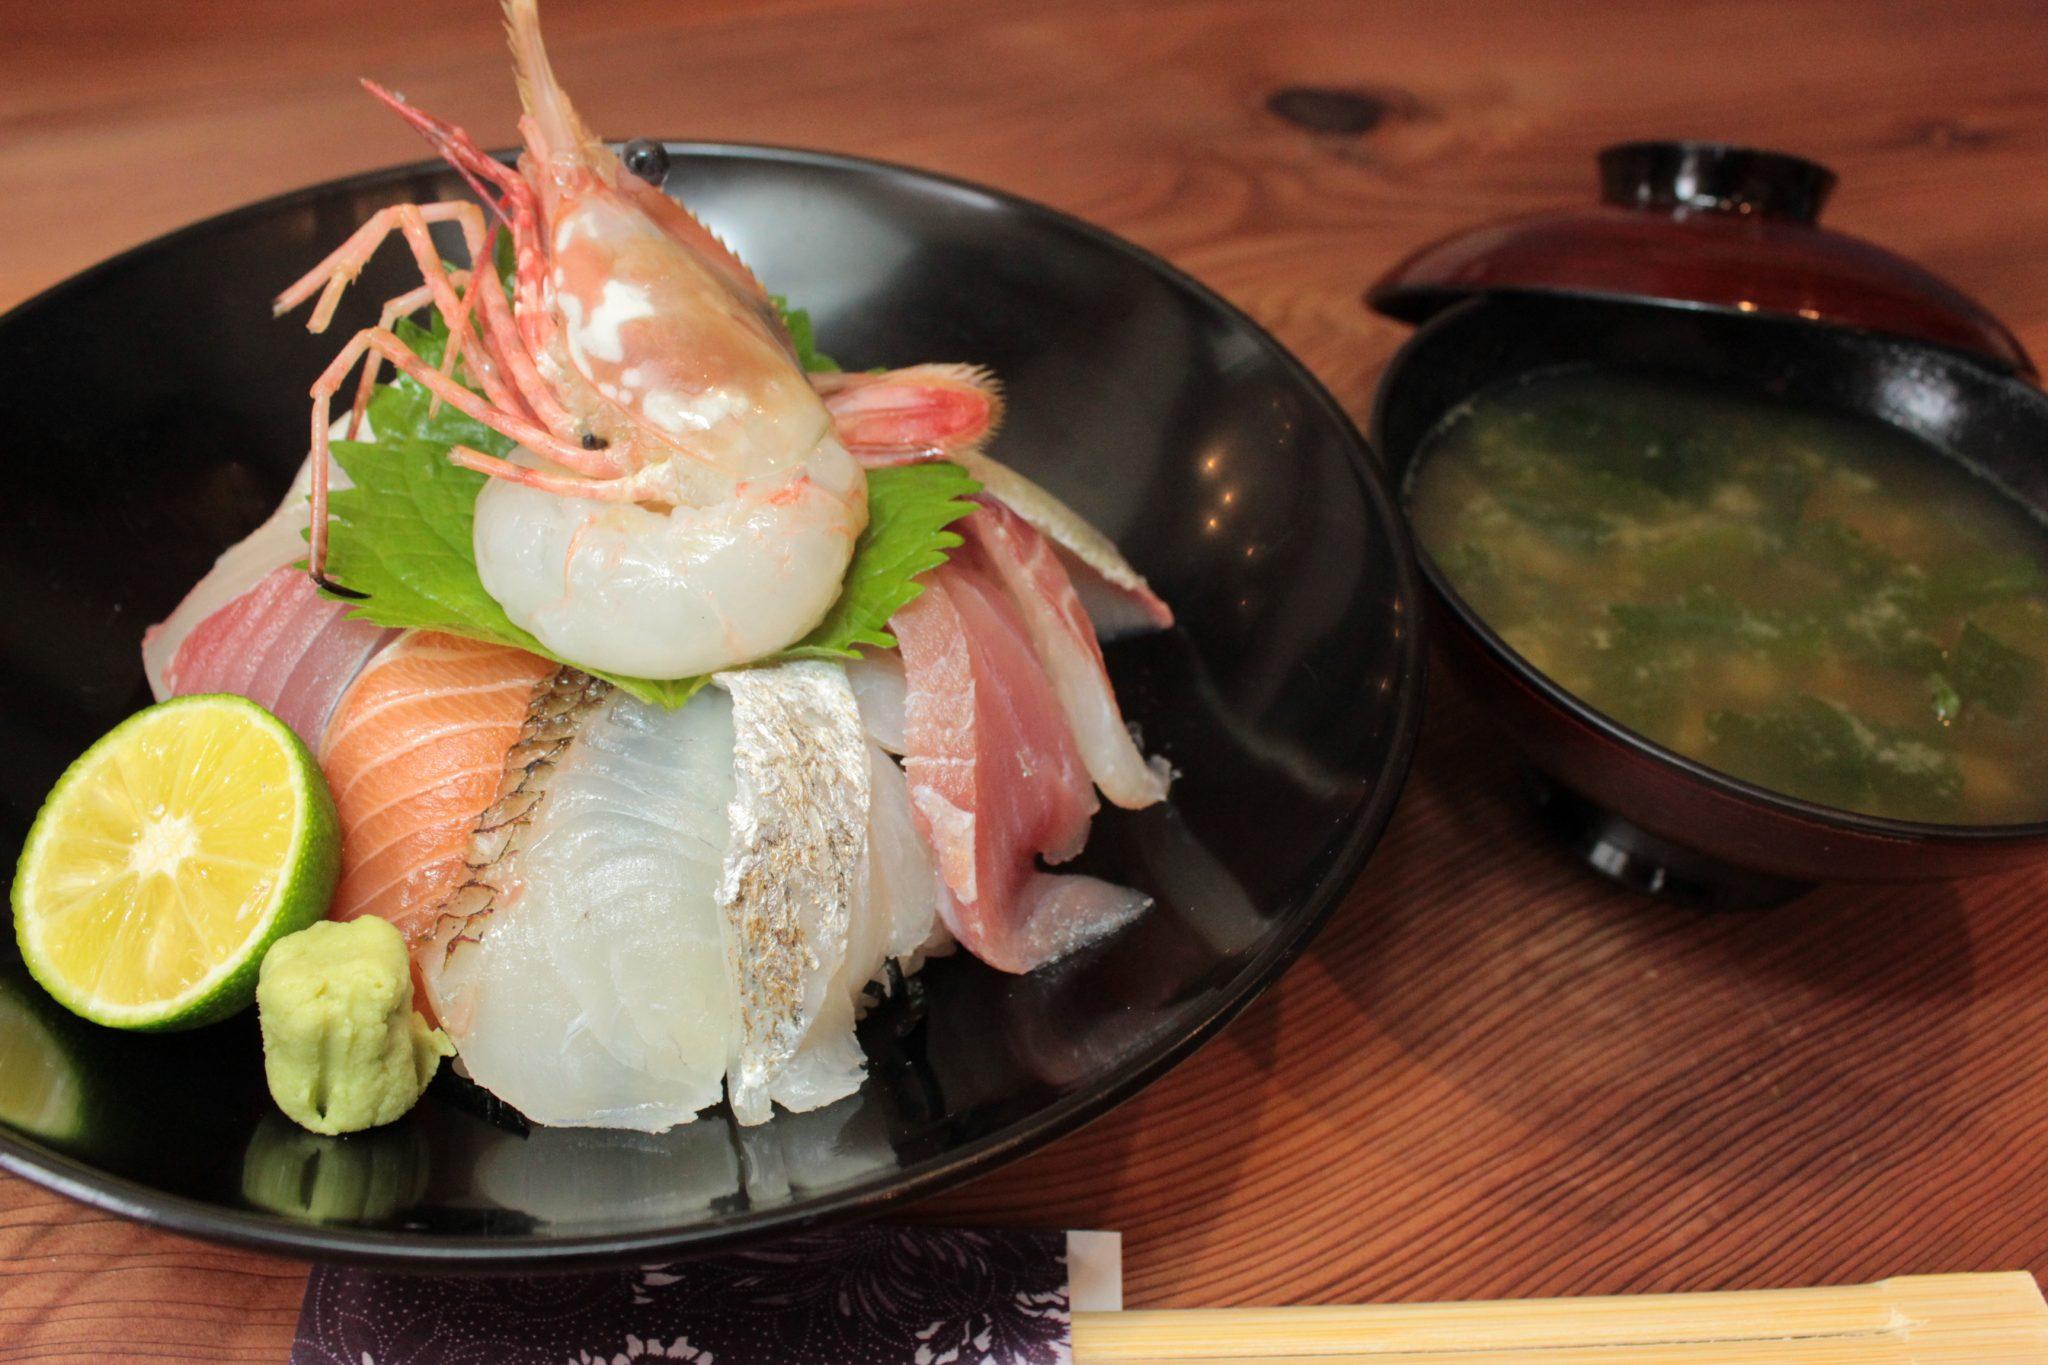 《阿南市/おさかなひぐち》旬の魚を提供! ランチには手頃な定食も味わえる